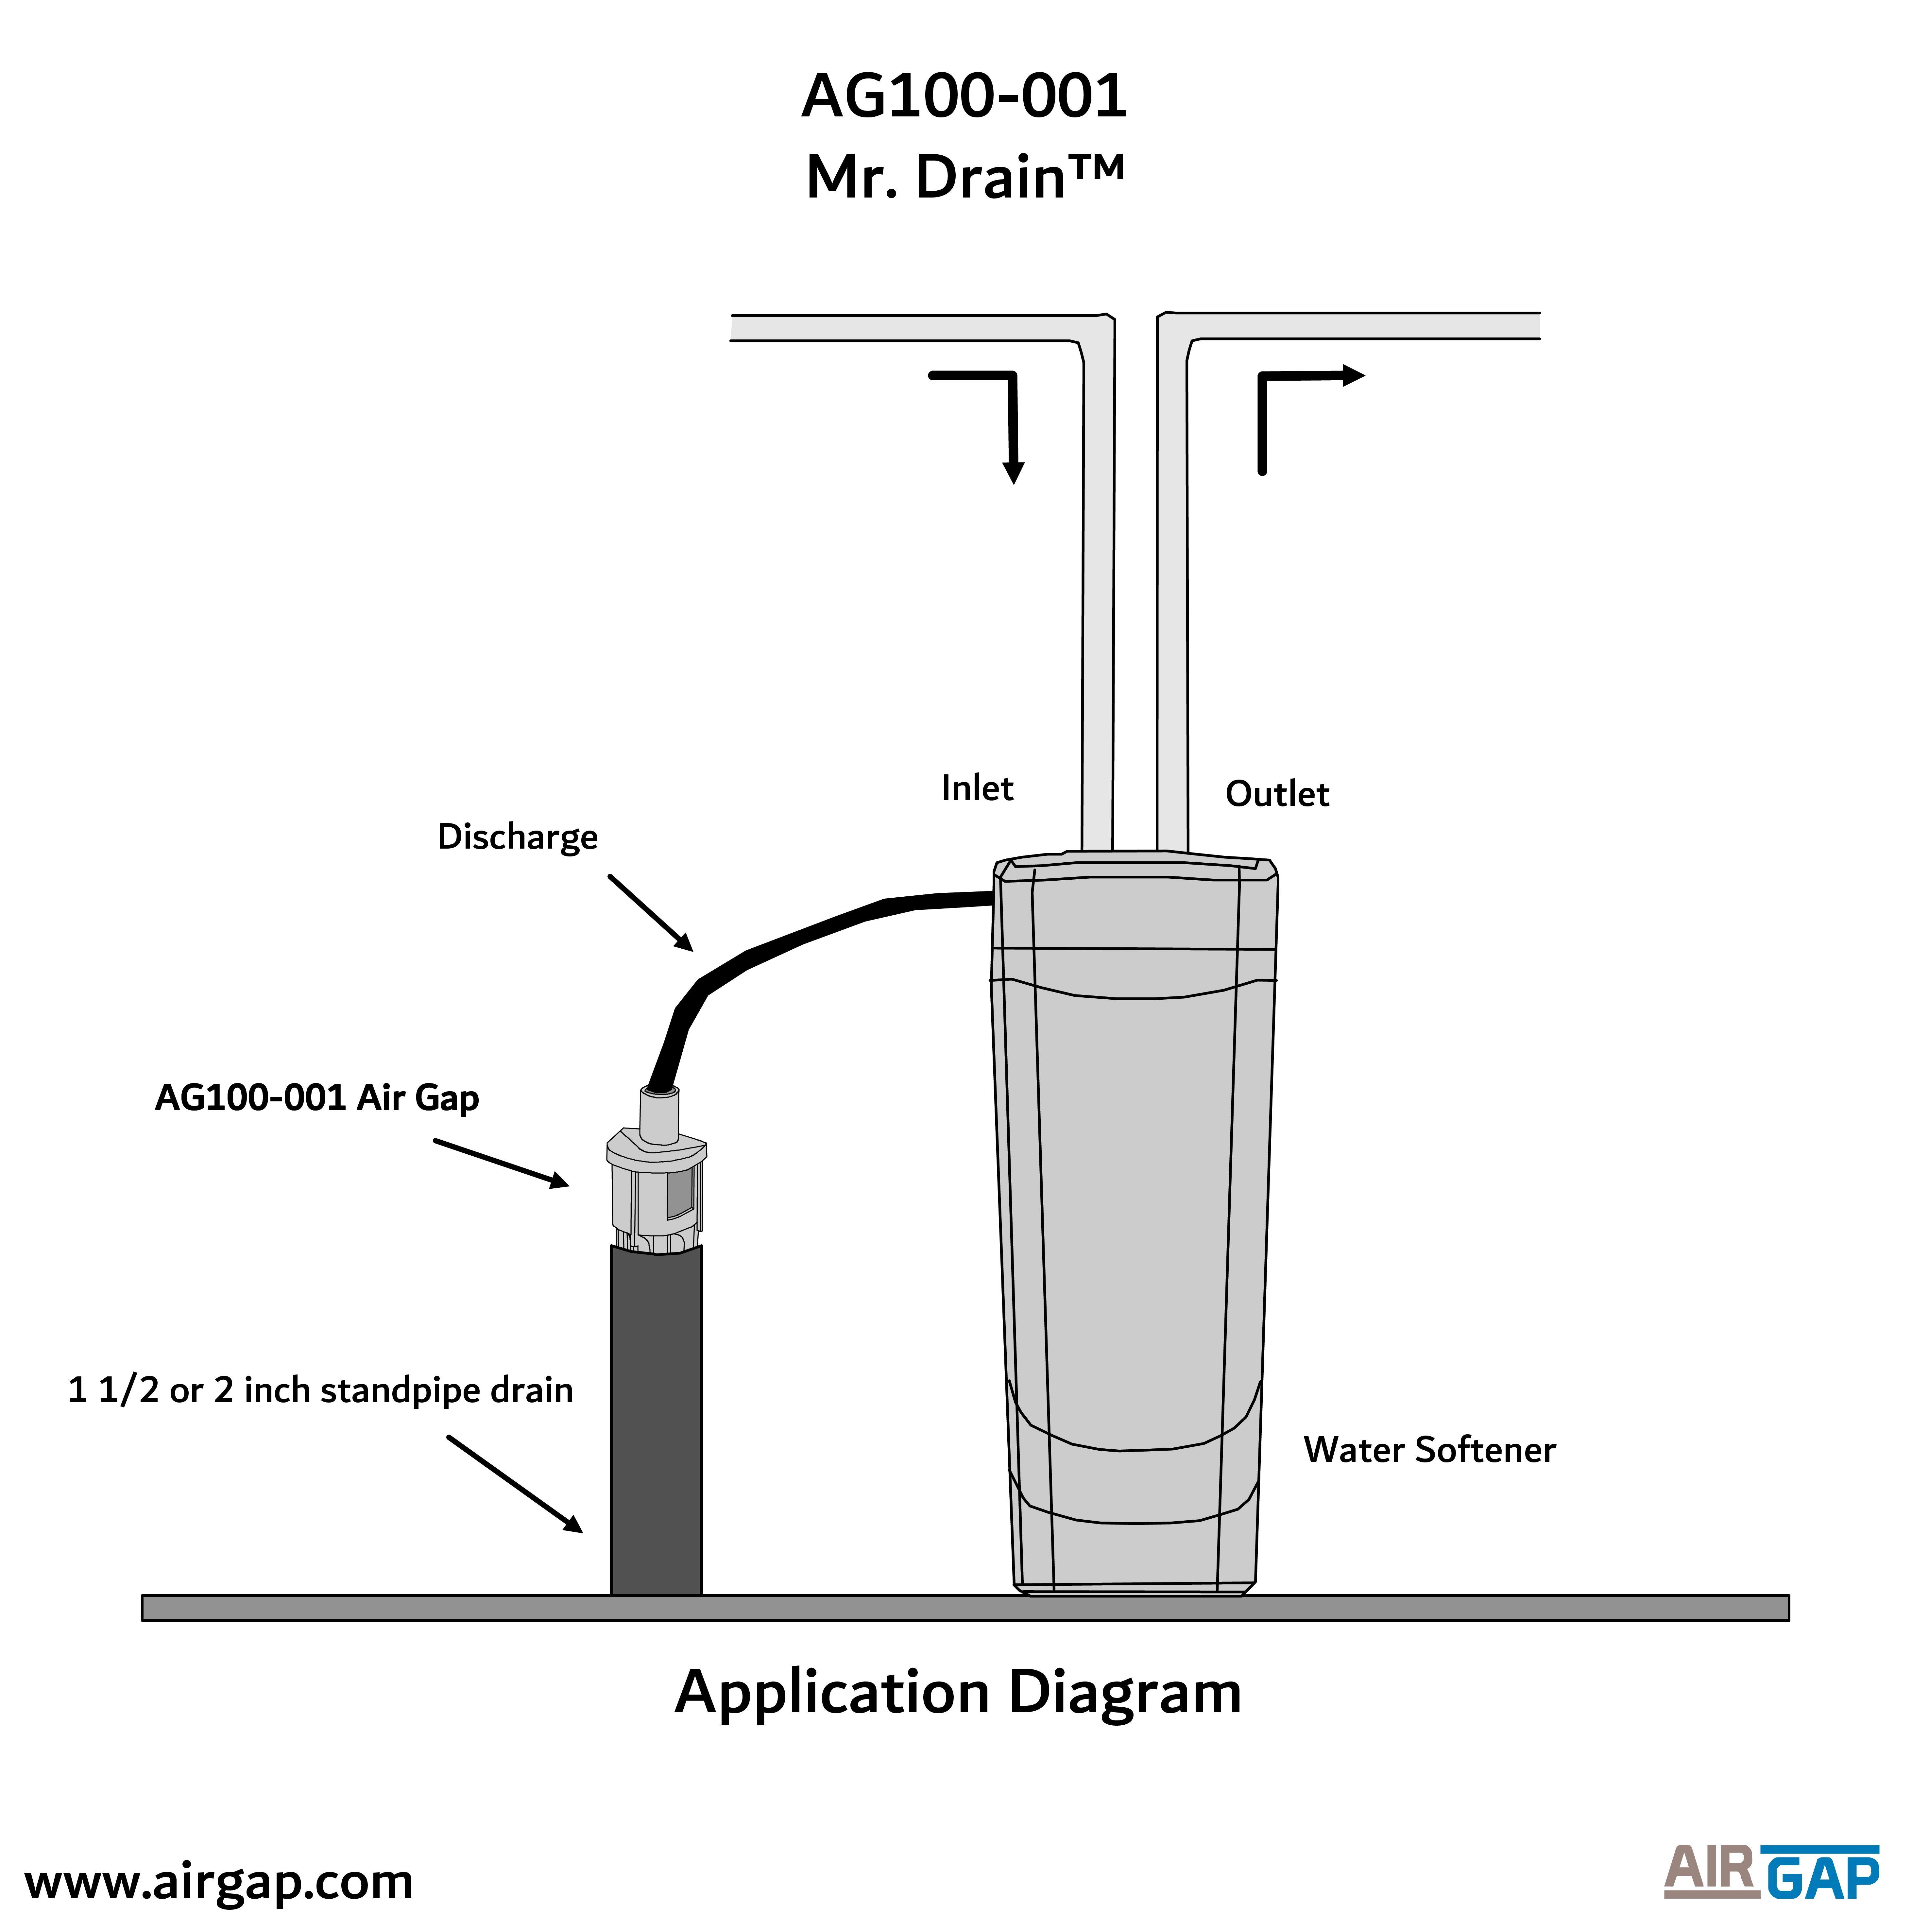 Mr. Drain Water Softener Air Gap AirGap International